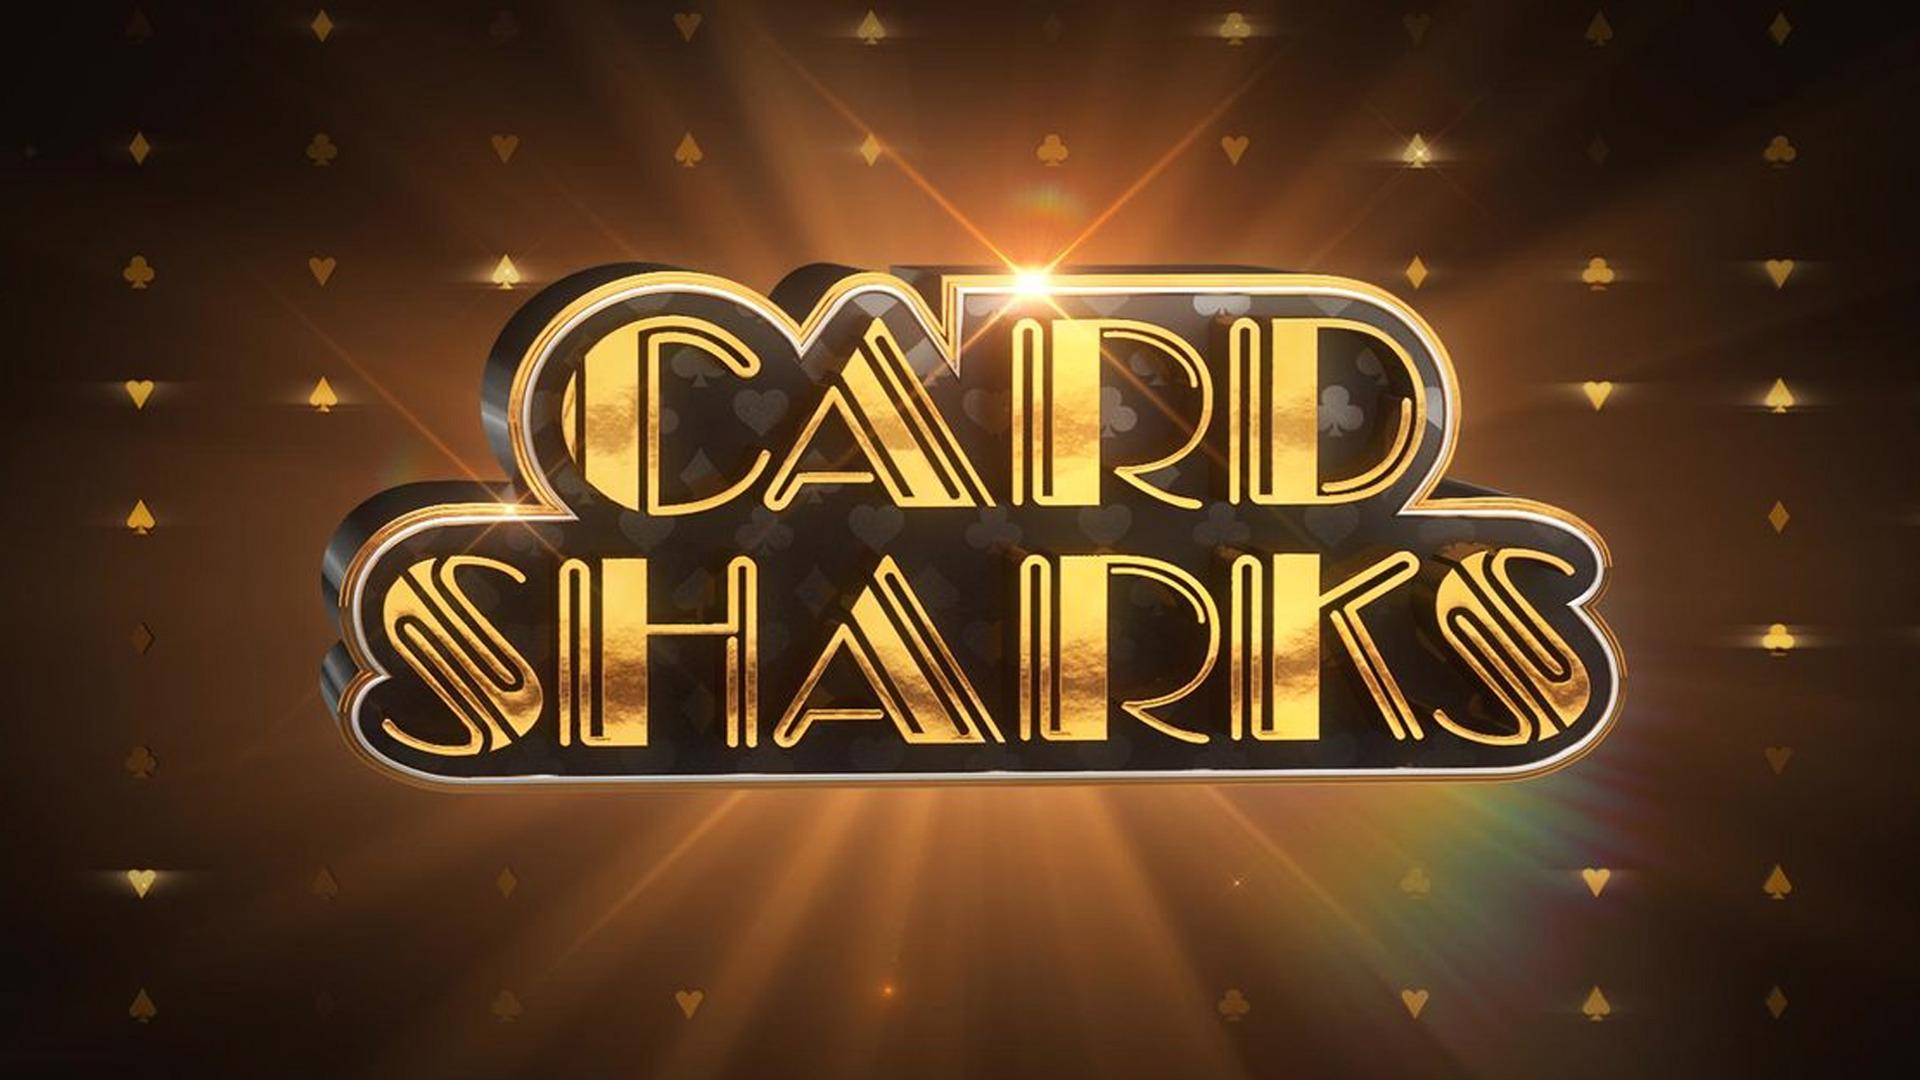 Show Card Sharks